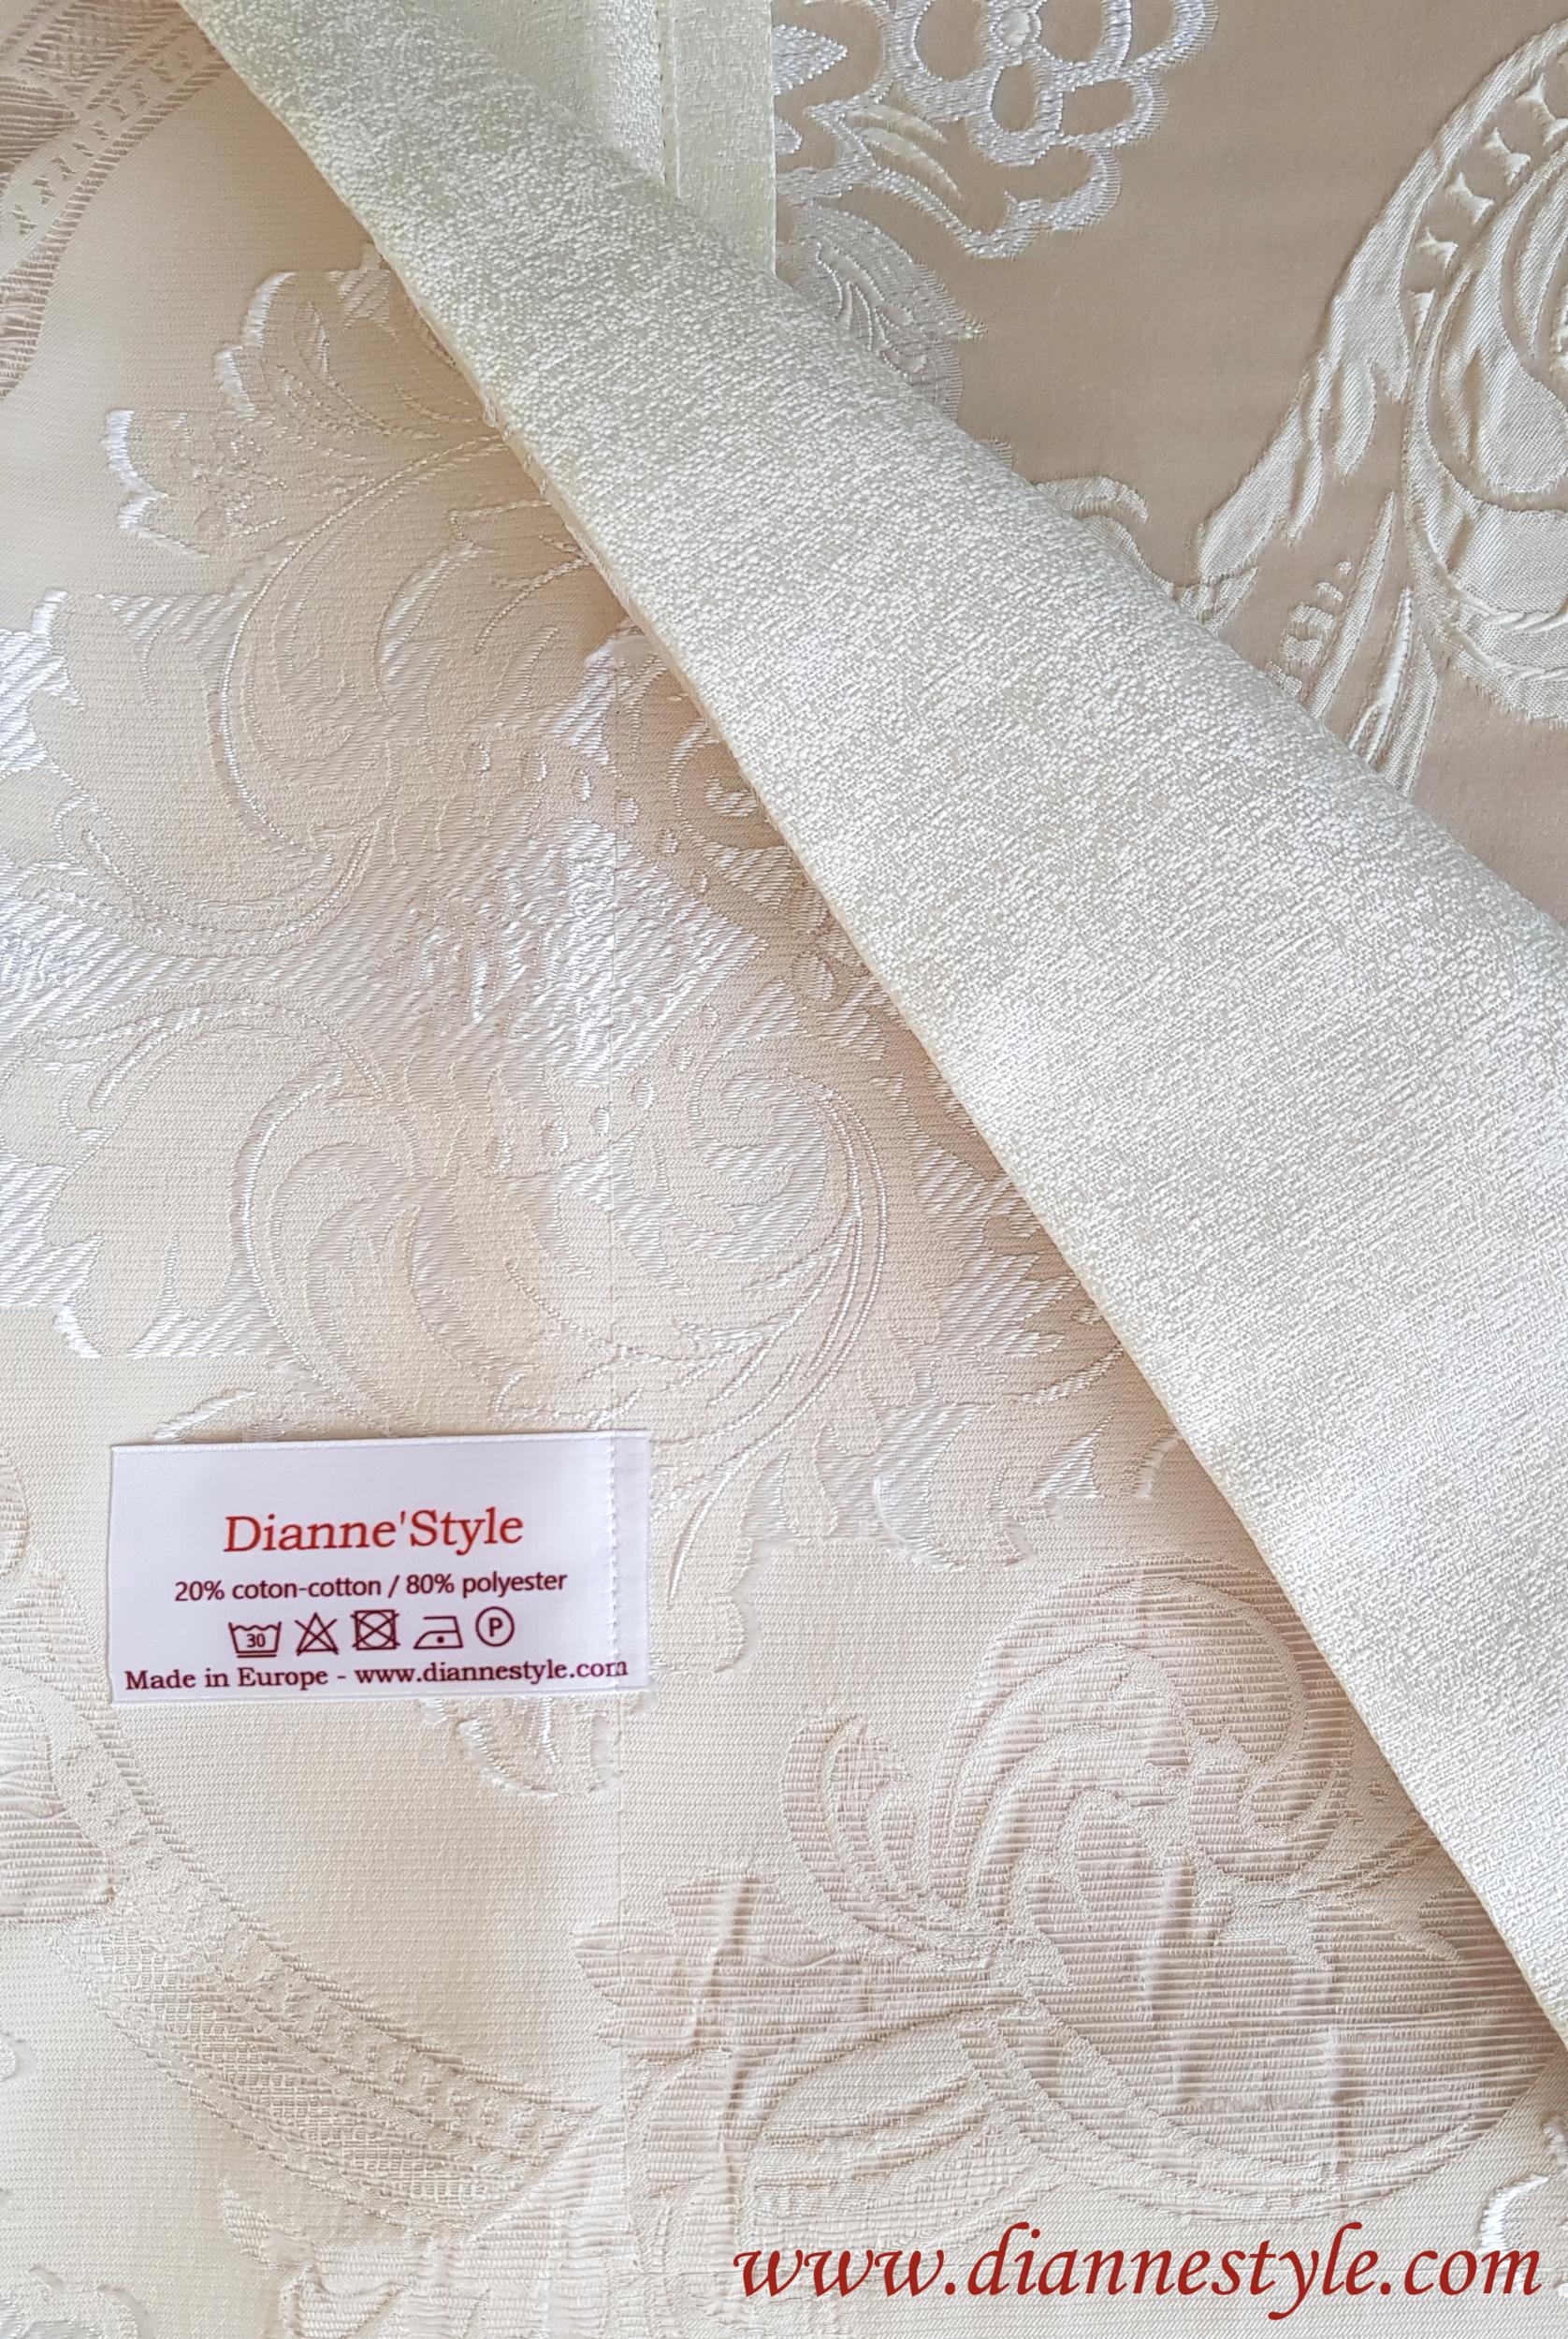 Nappe de table damassée beige Prestige 180x240 cm. Réf. 131